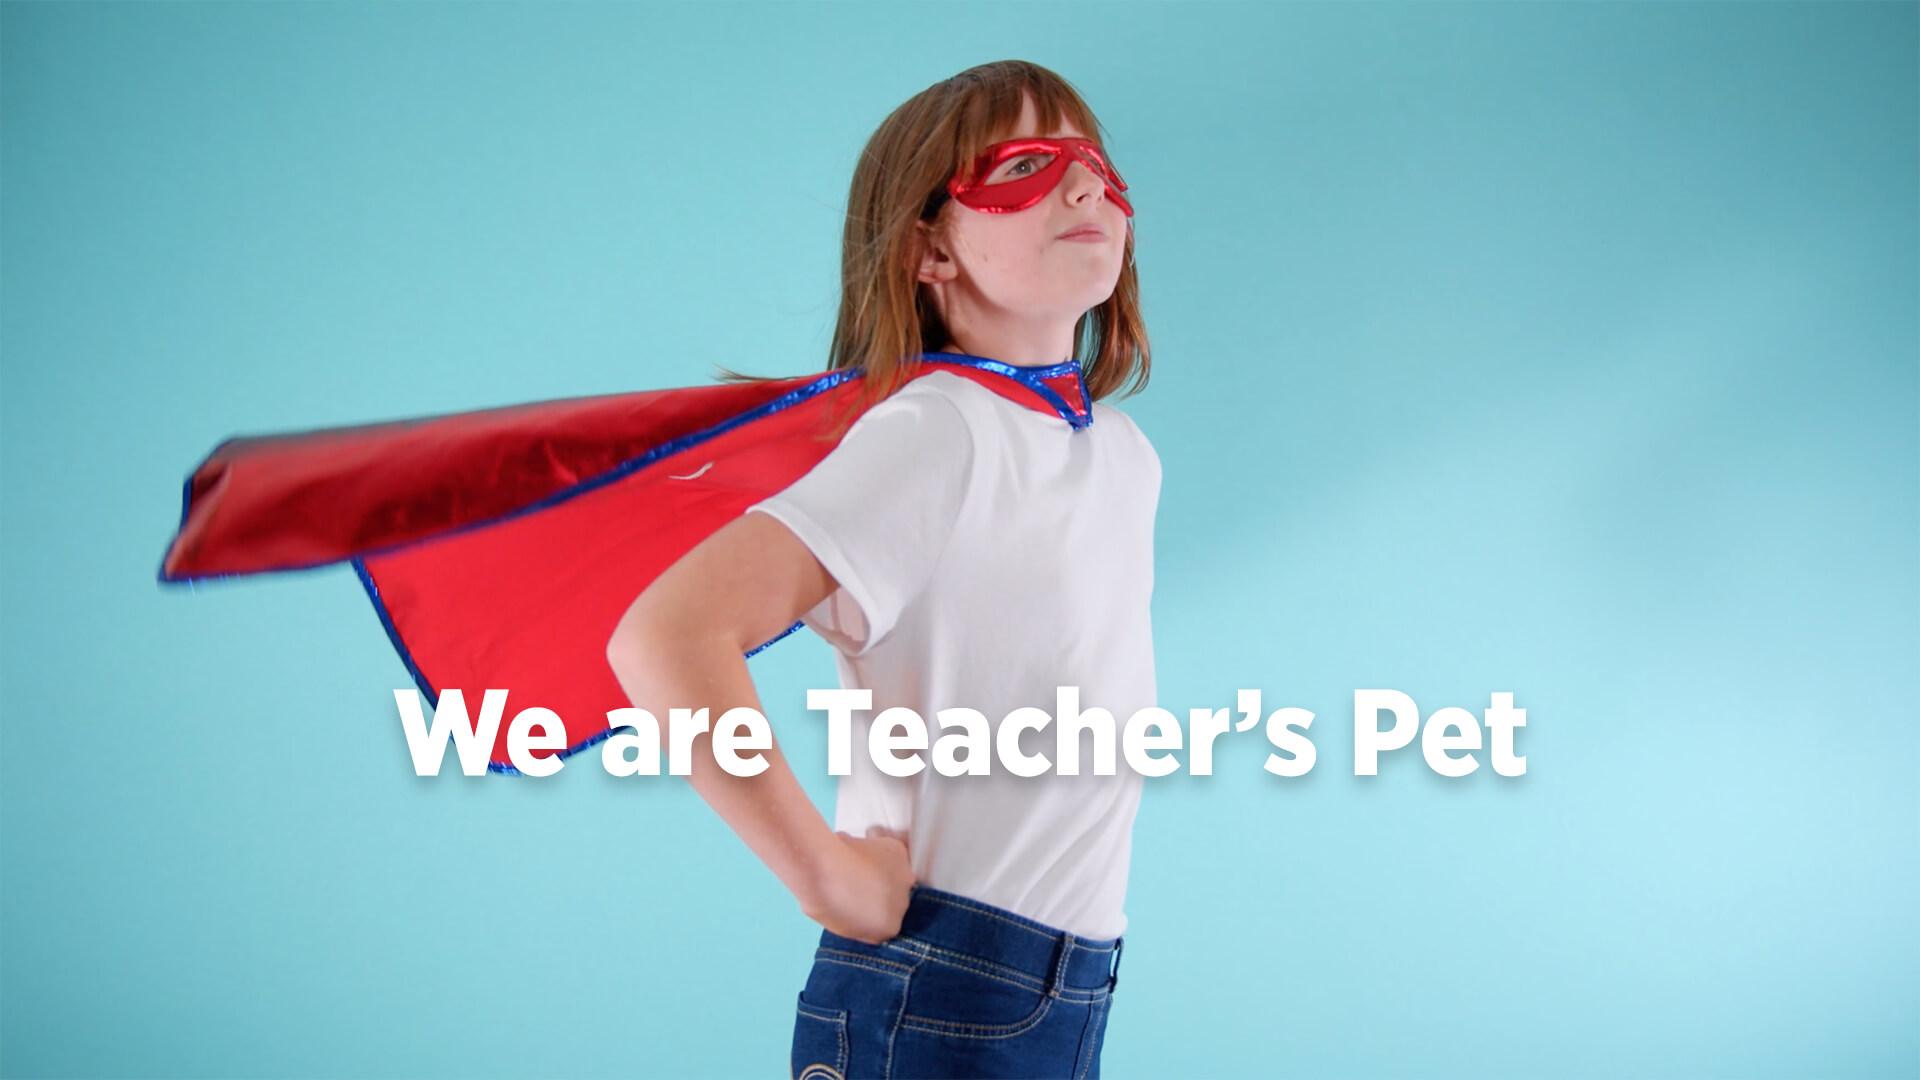 We are Teacher's Pet